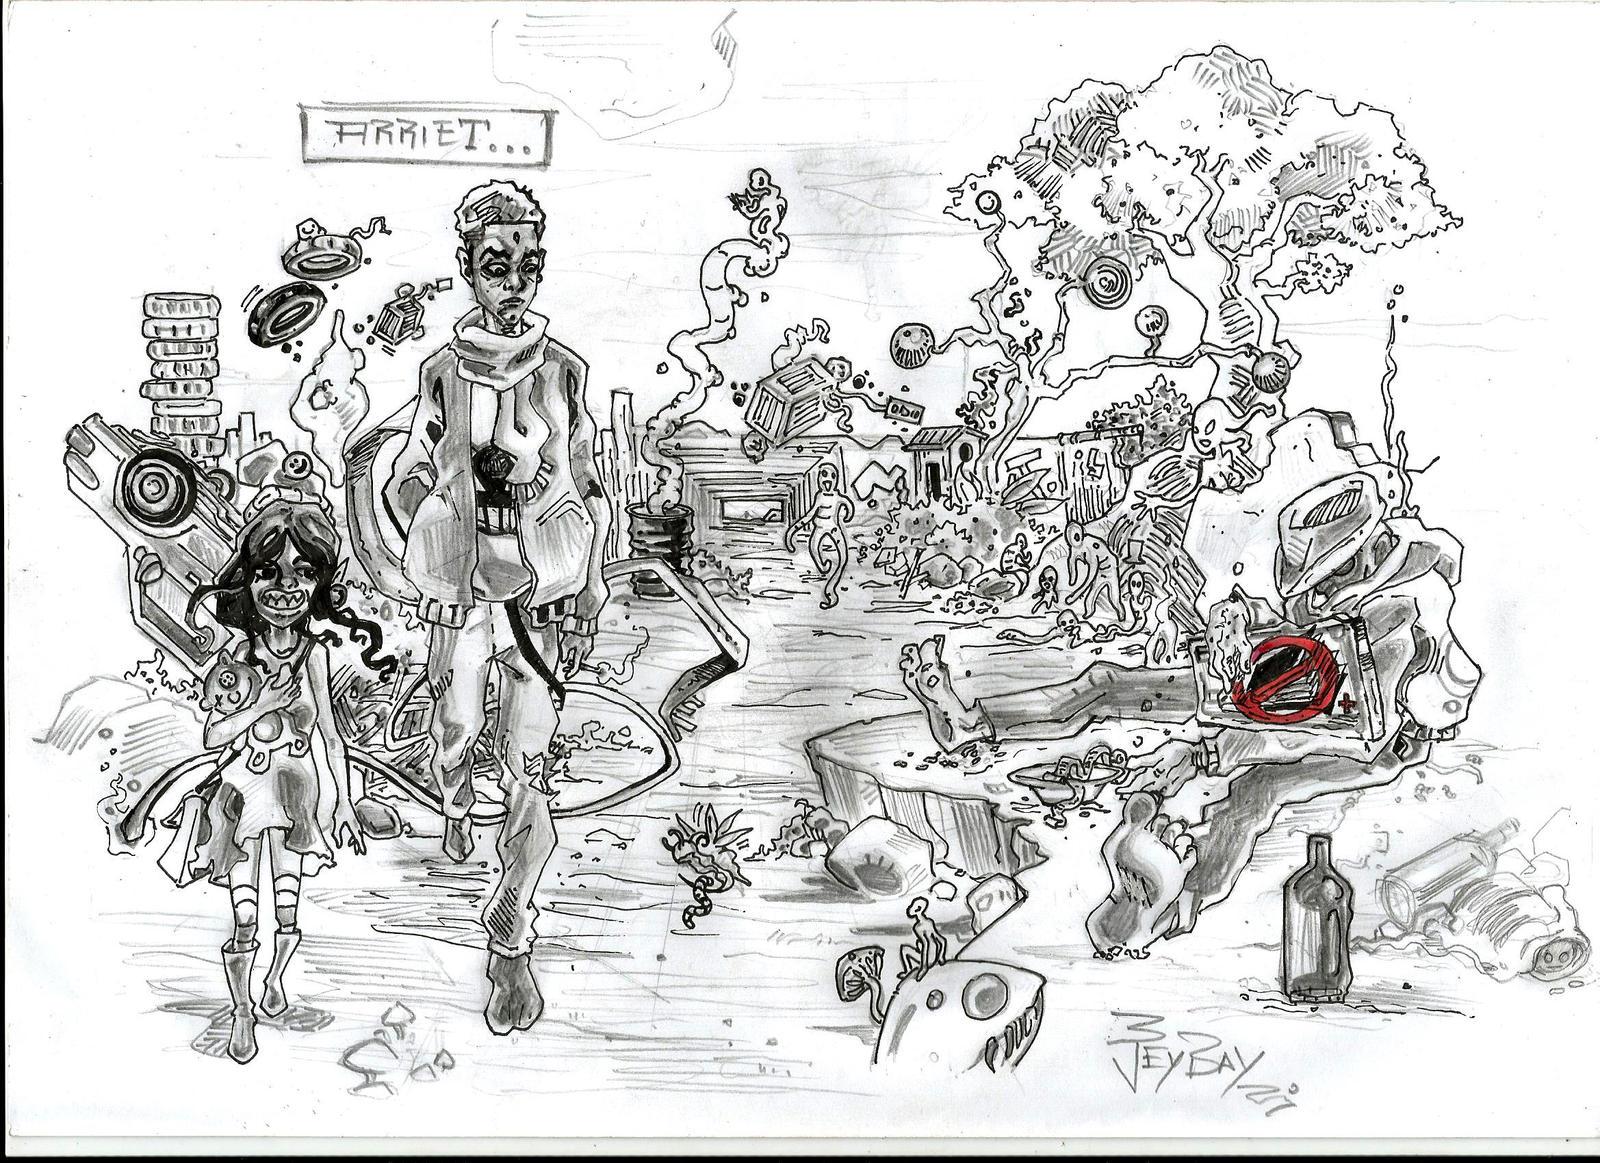 UN paseo por Arriet by Jeybay